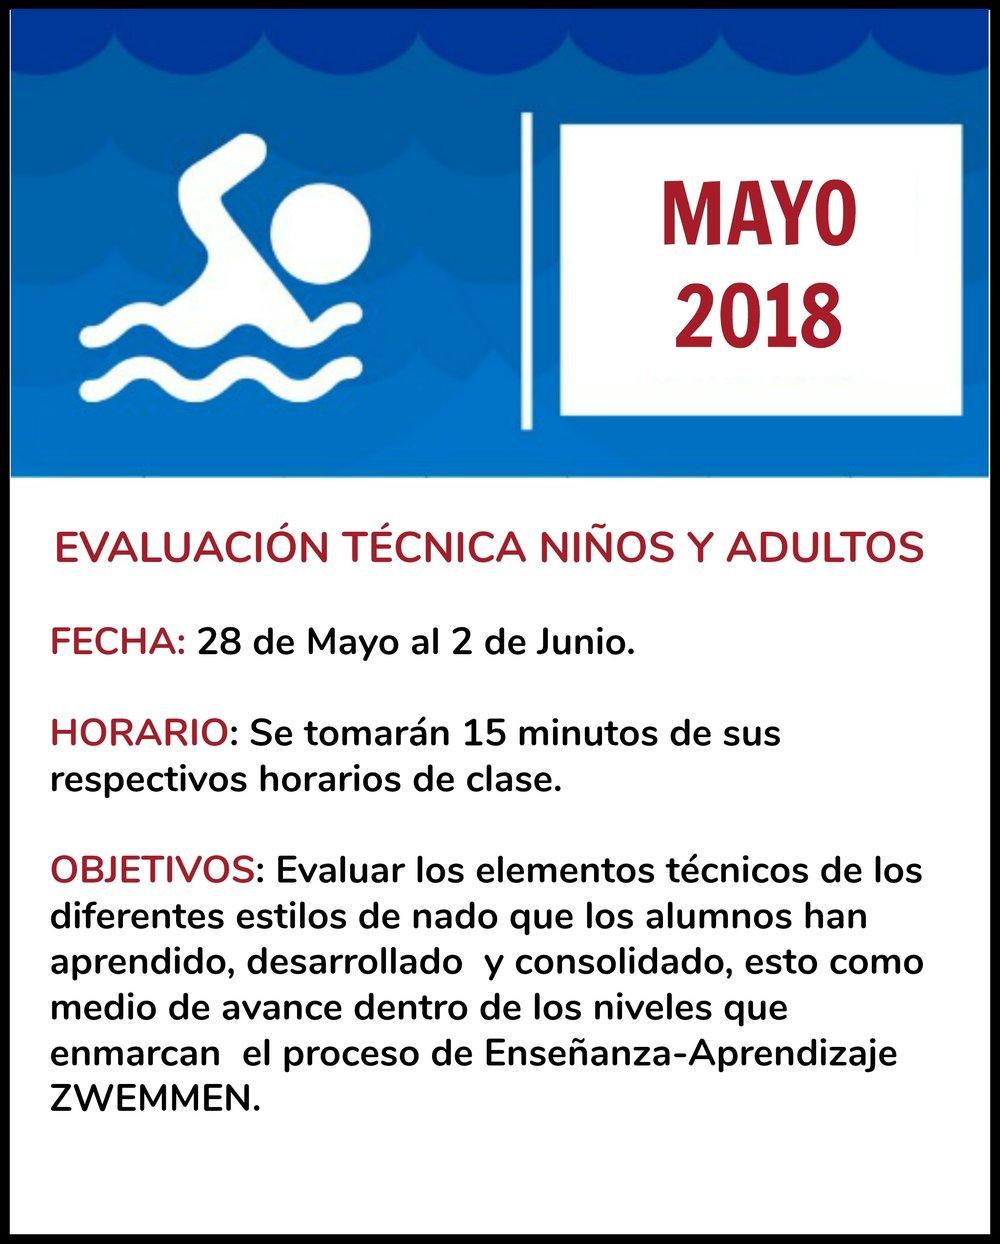 EVENTO-Mayo-2018-2.jpg